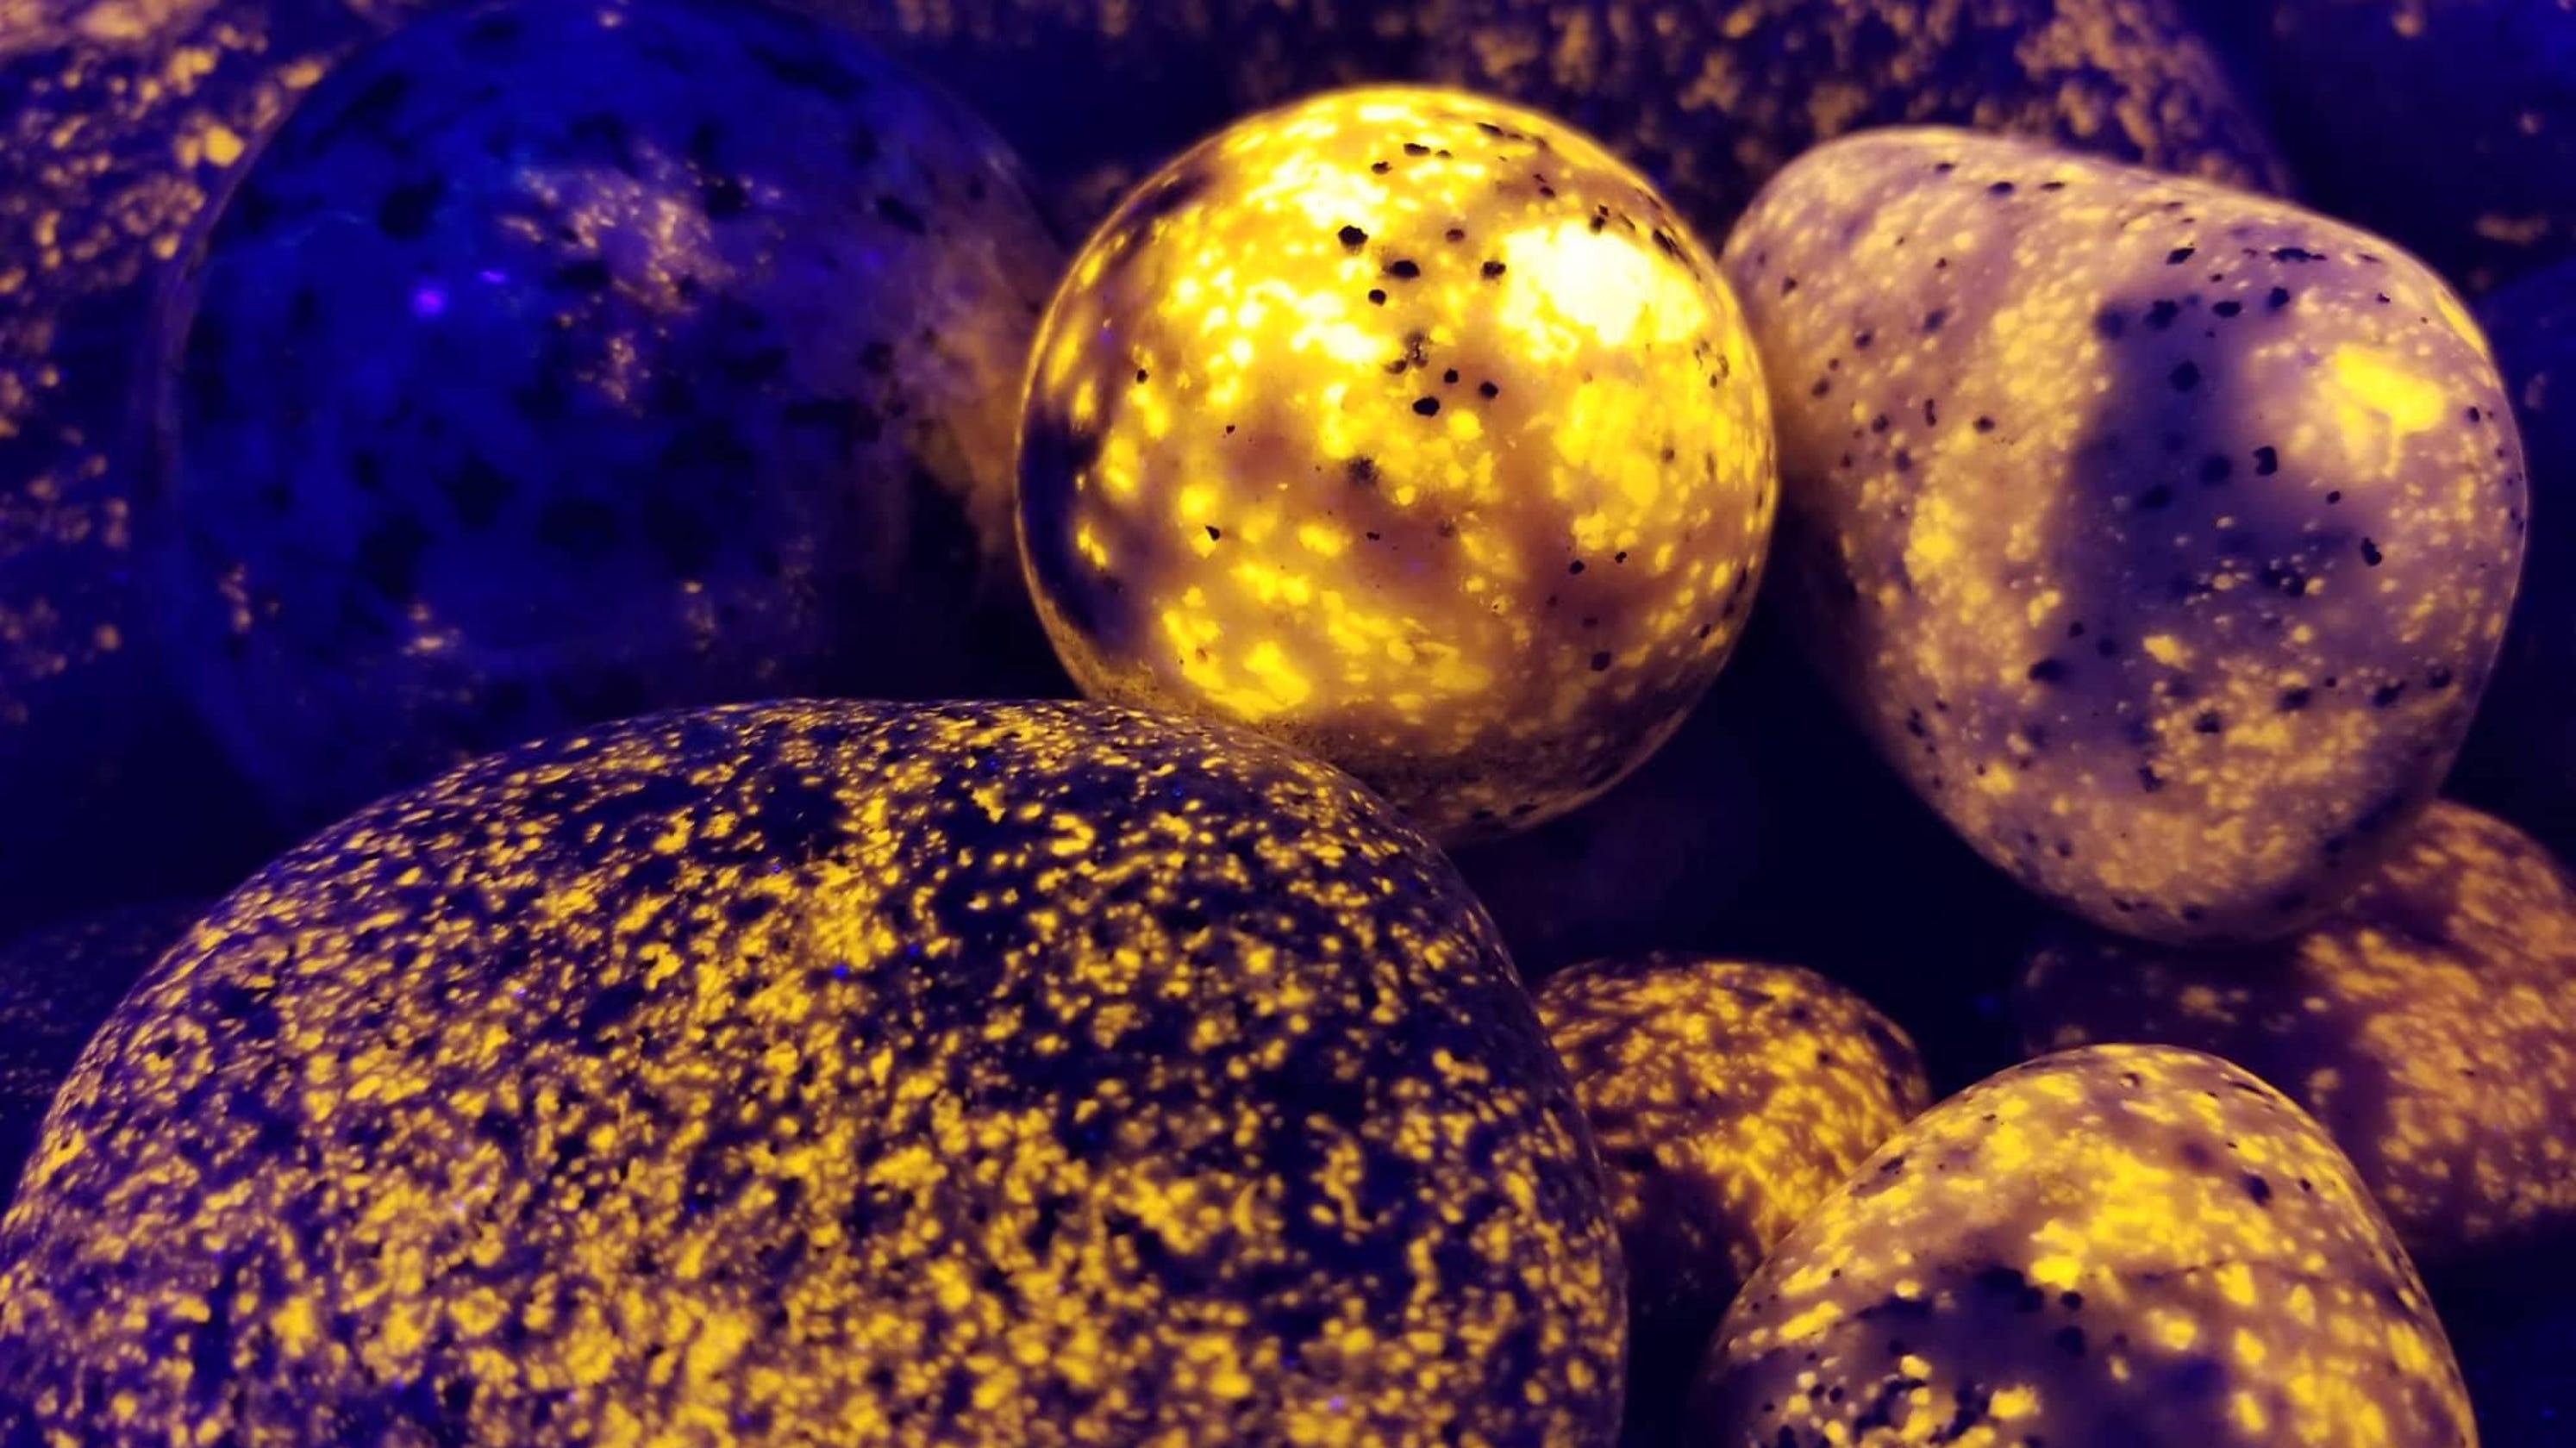 Michigan men battle over U P 's 'Yooperlite' glowing rocks